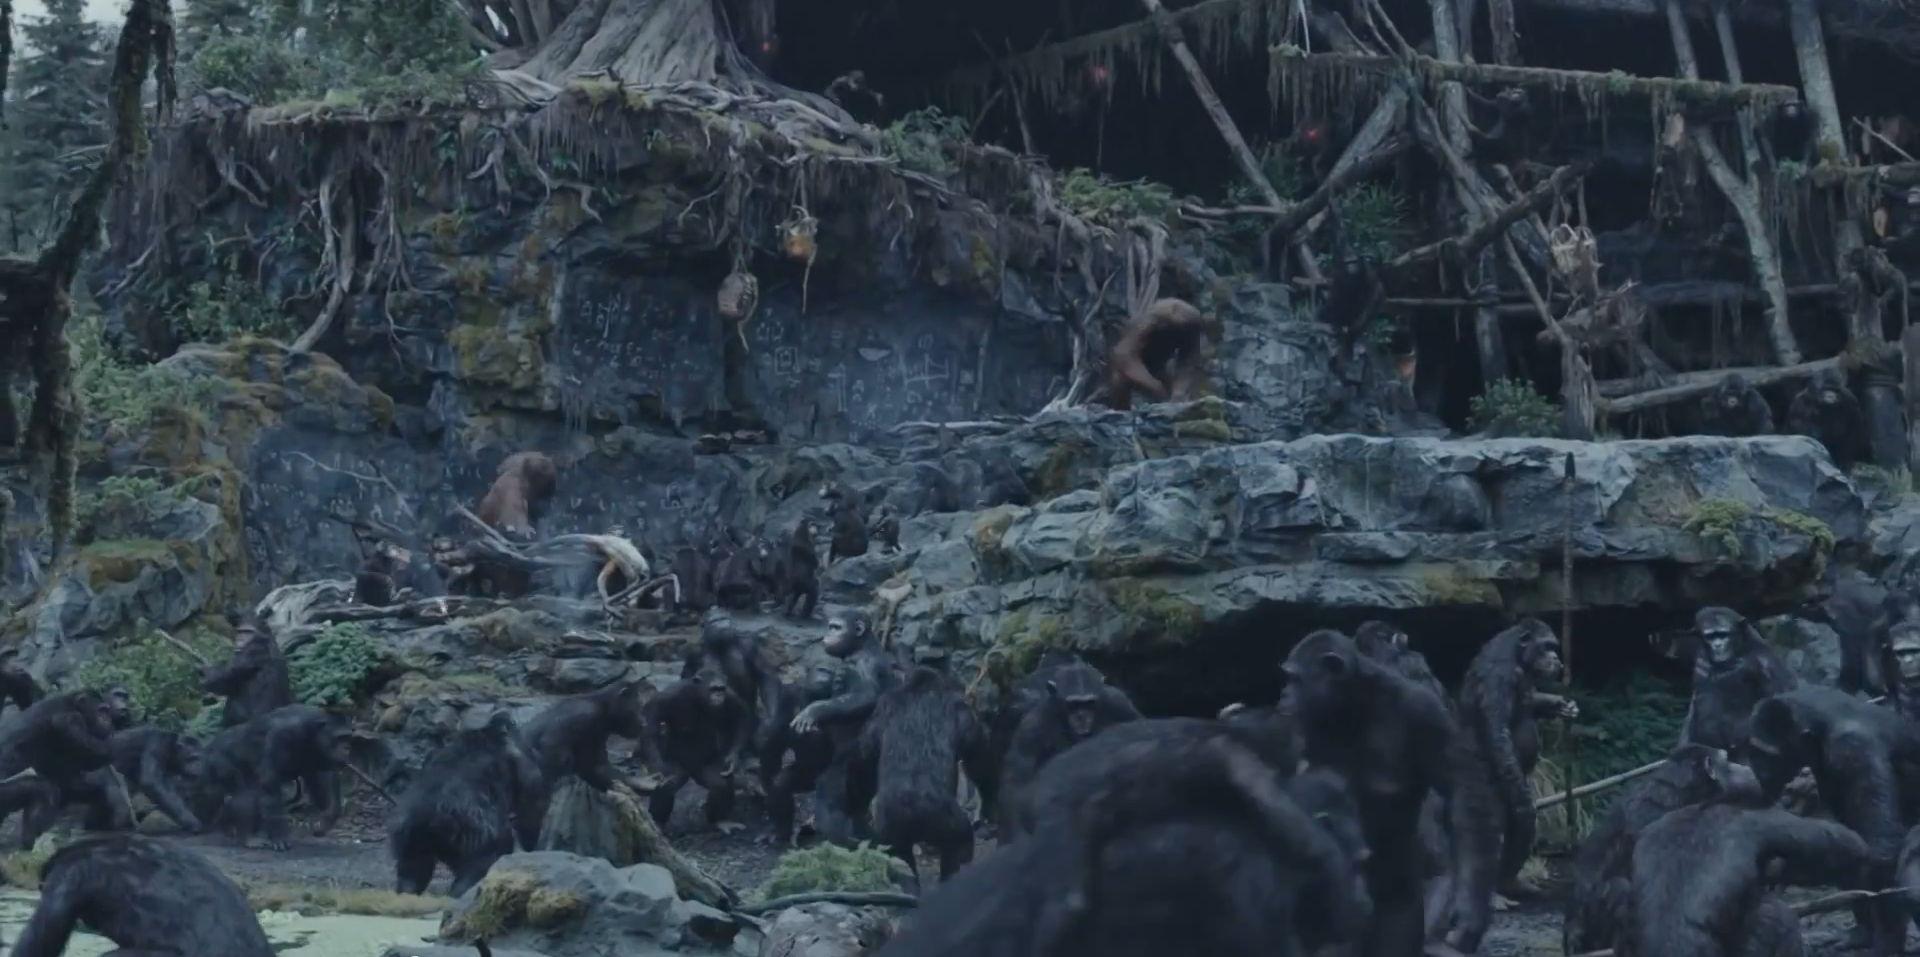 Смотреть фильм Планета обезьян Революция онлайн бесплатно